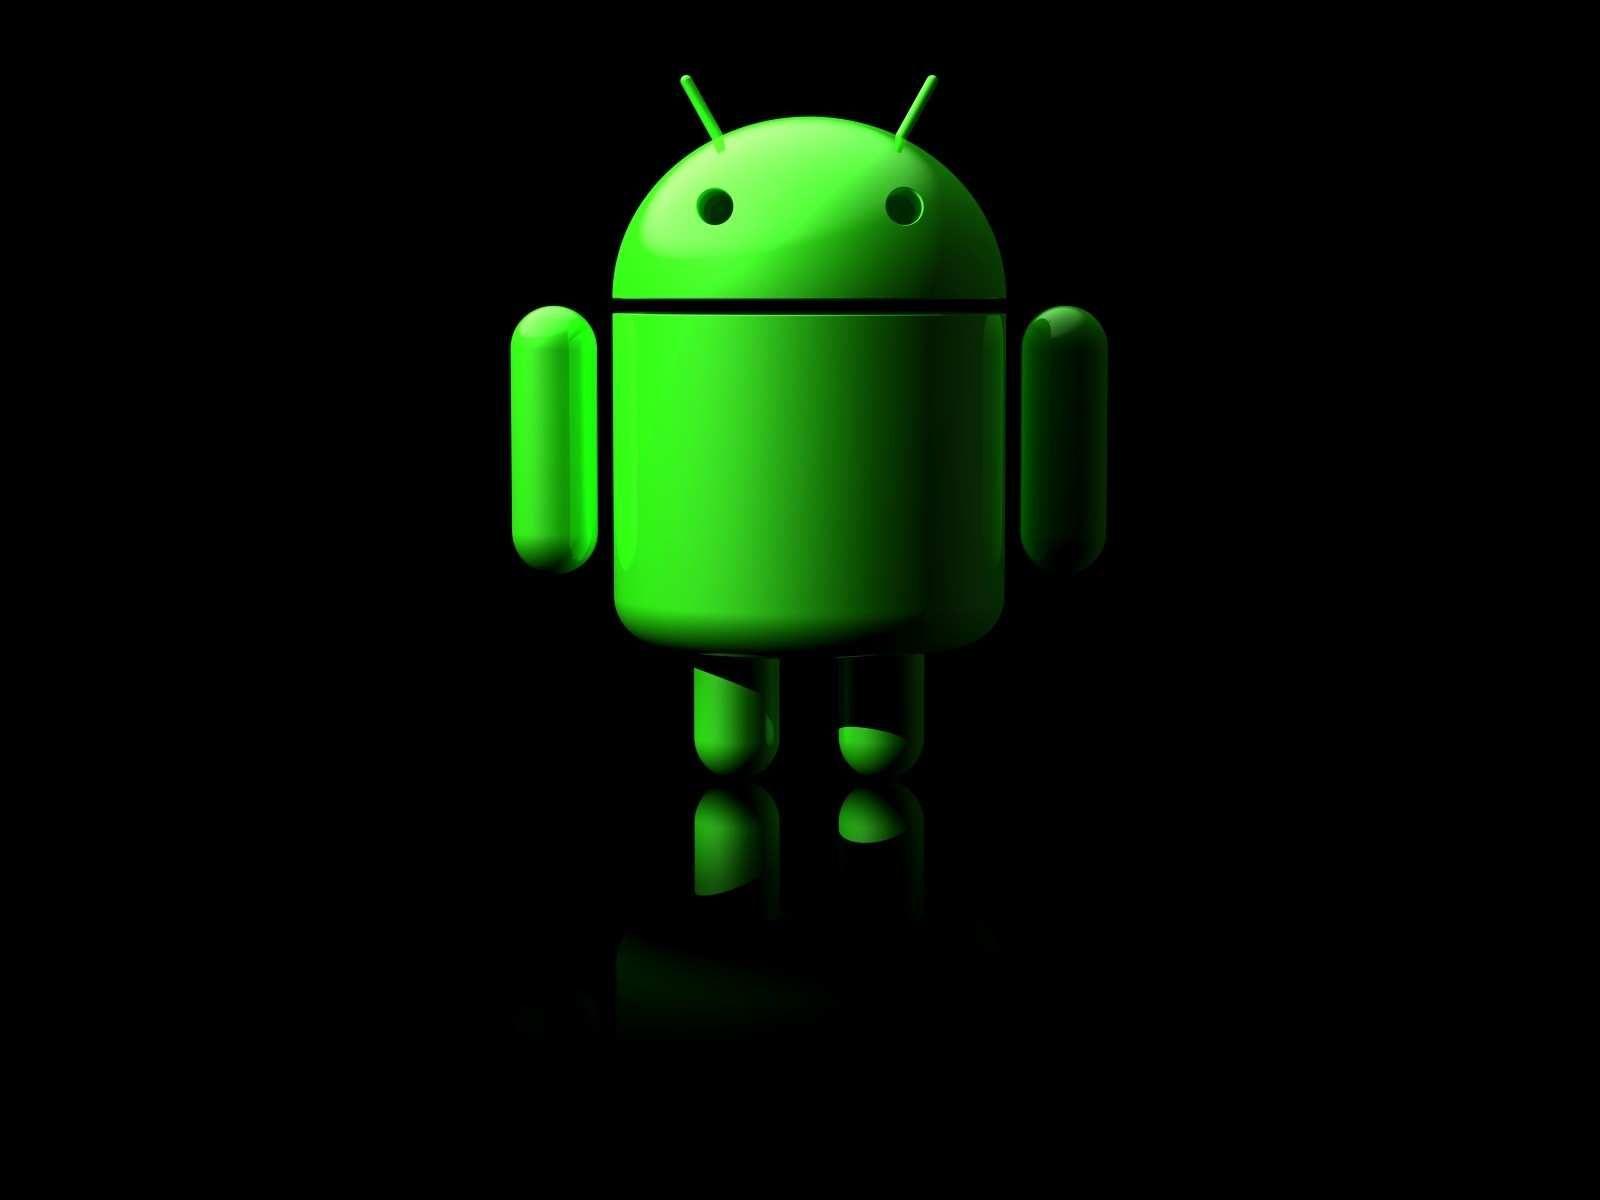 Gambar Wallpaper Hd Android Wallpaper Hitam Untuk Layar